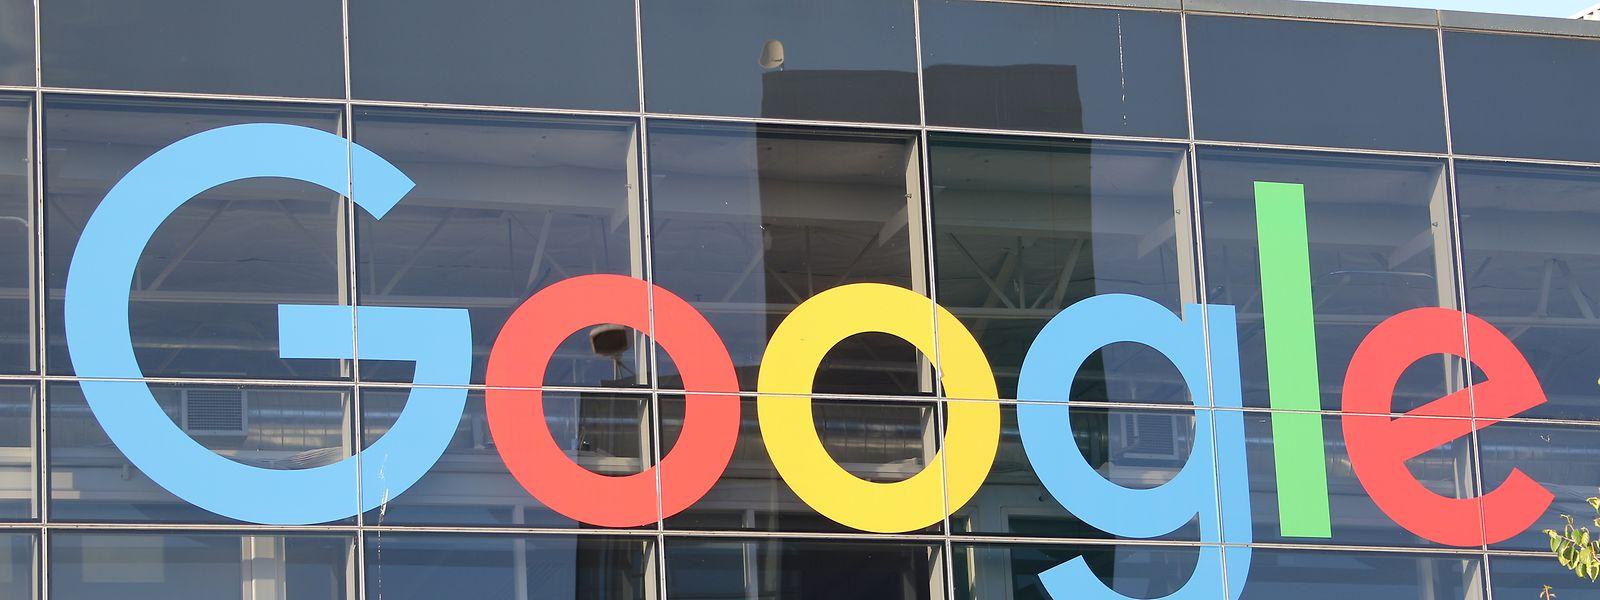 Für die CSV ist die Kommunikationsstrategie der Regierung rund um das geplante Google-Datencenter in Bissen eine einzige Katastrophe.